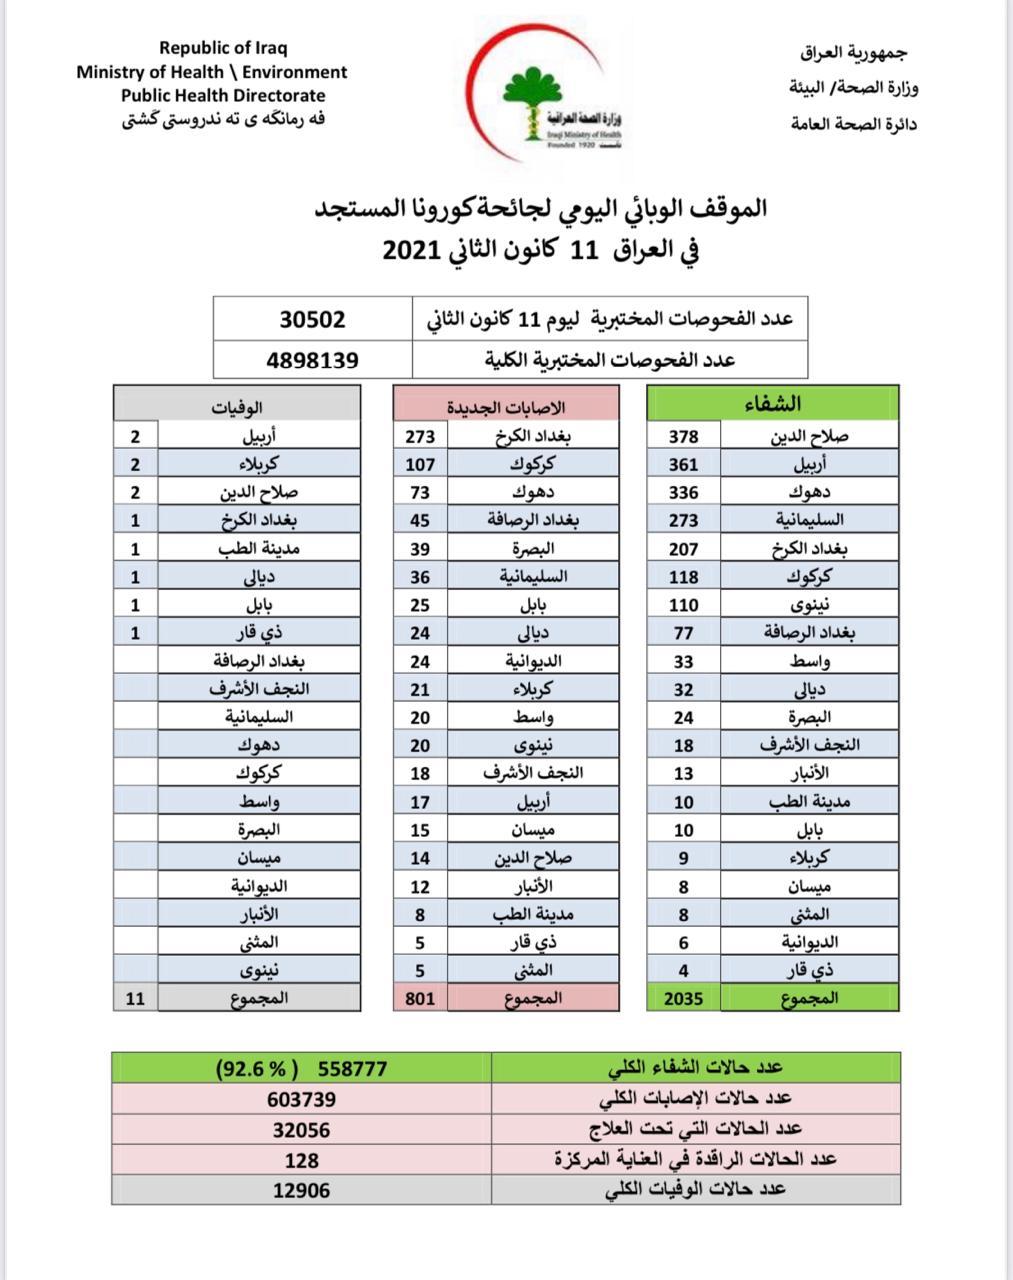 801 إصابة جديدة بكورونا العراق مع تسجيل حالات شفاء مرتفعة